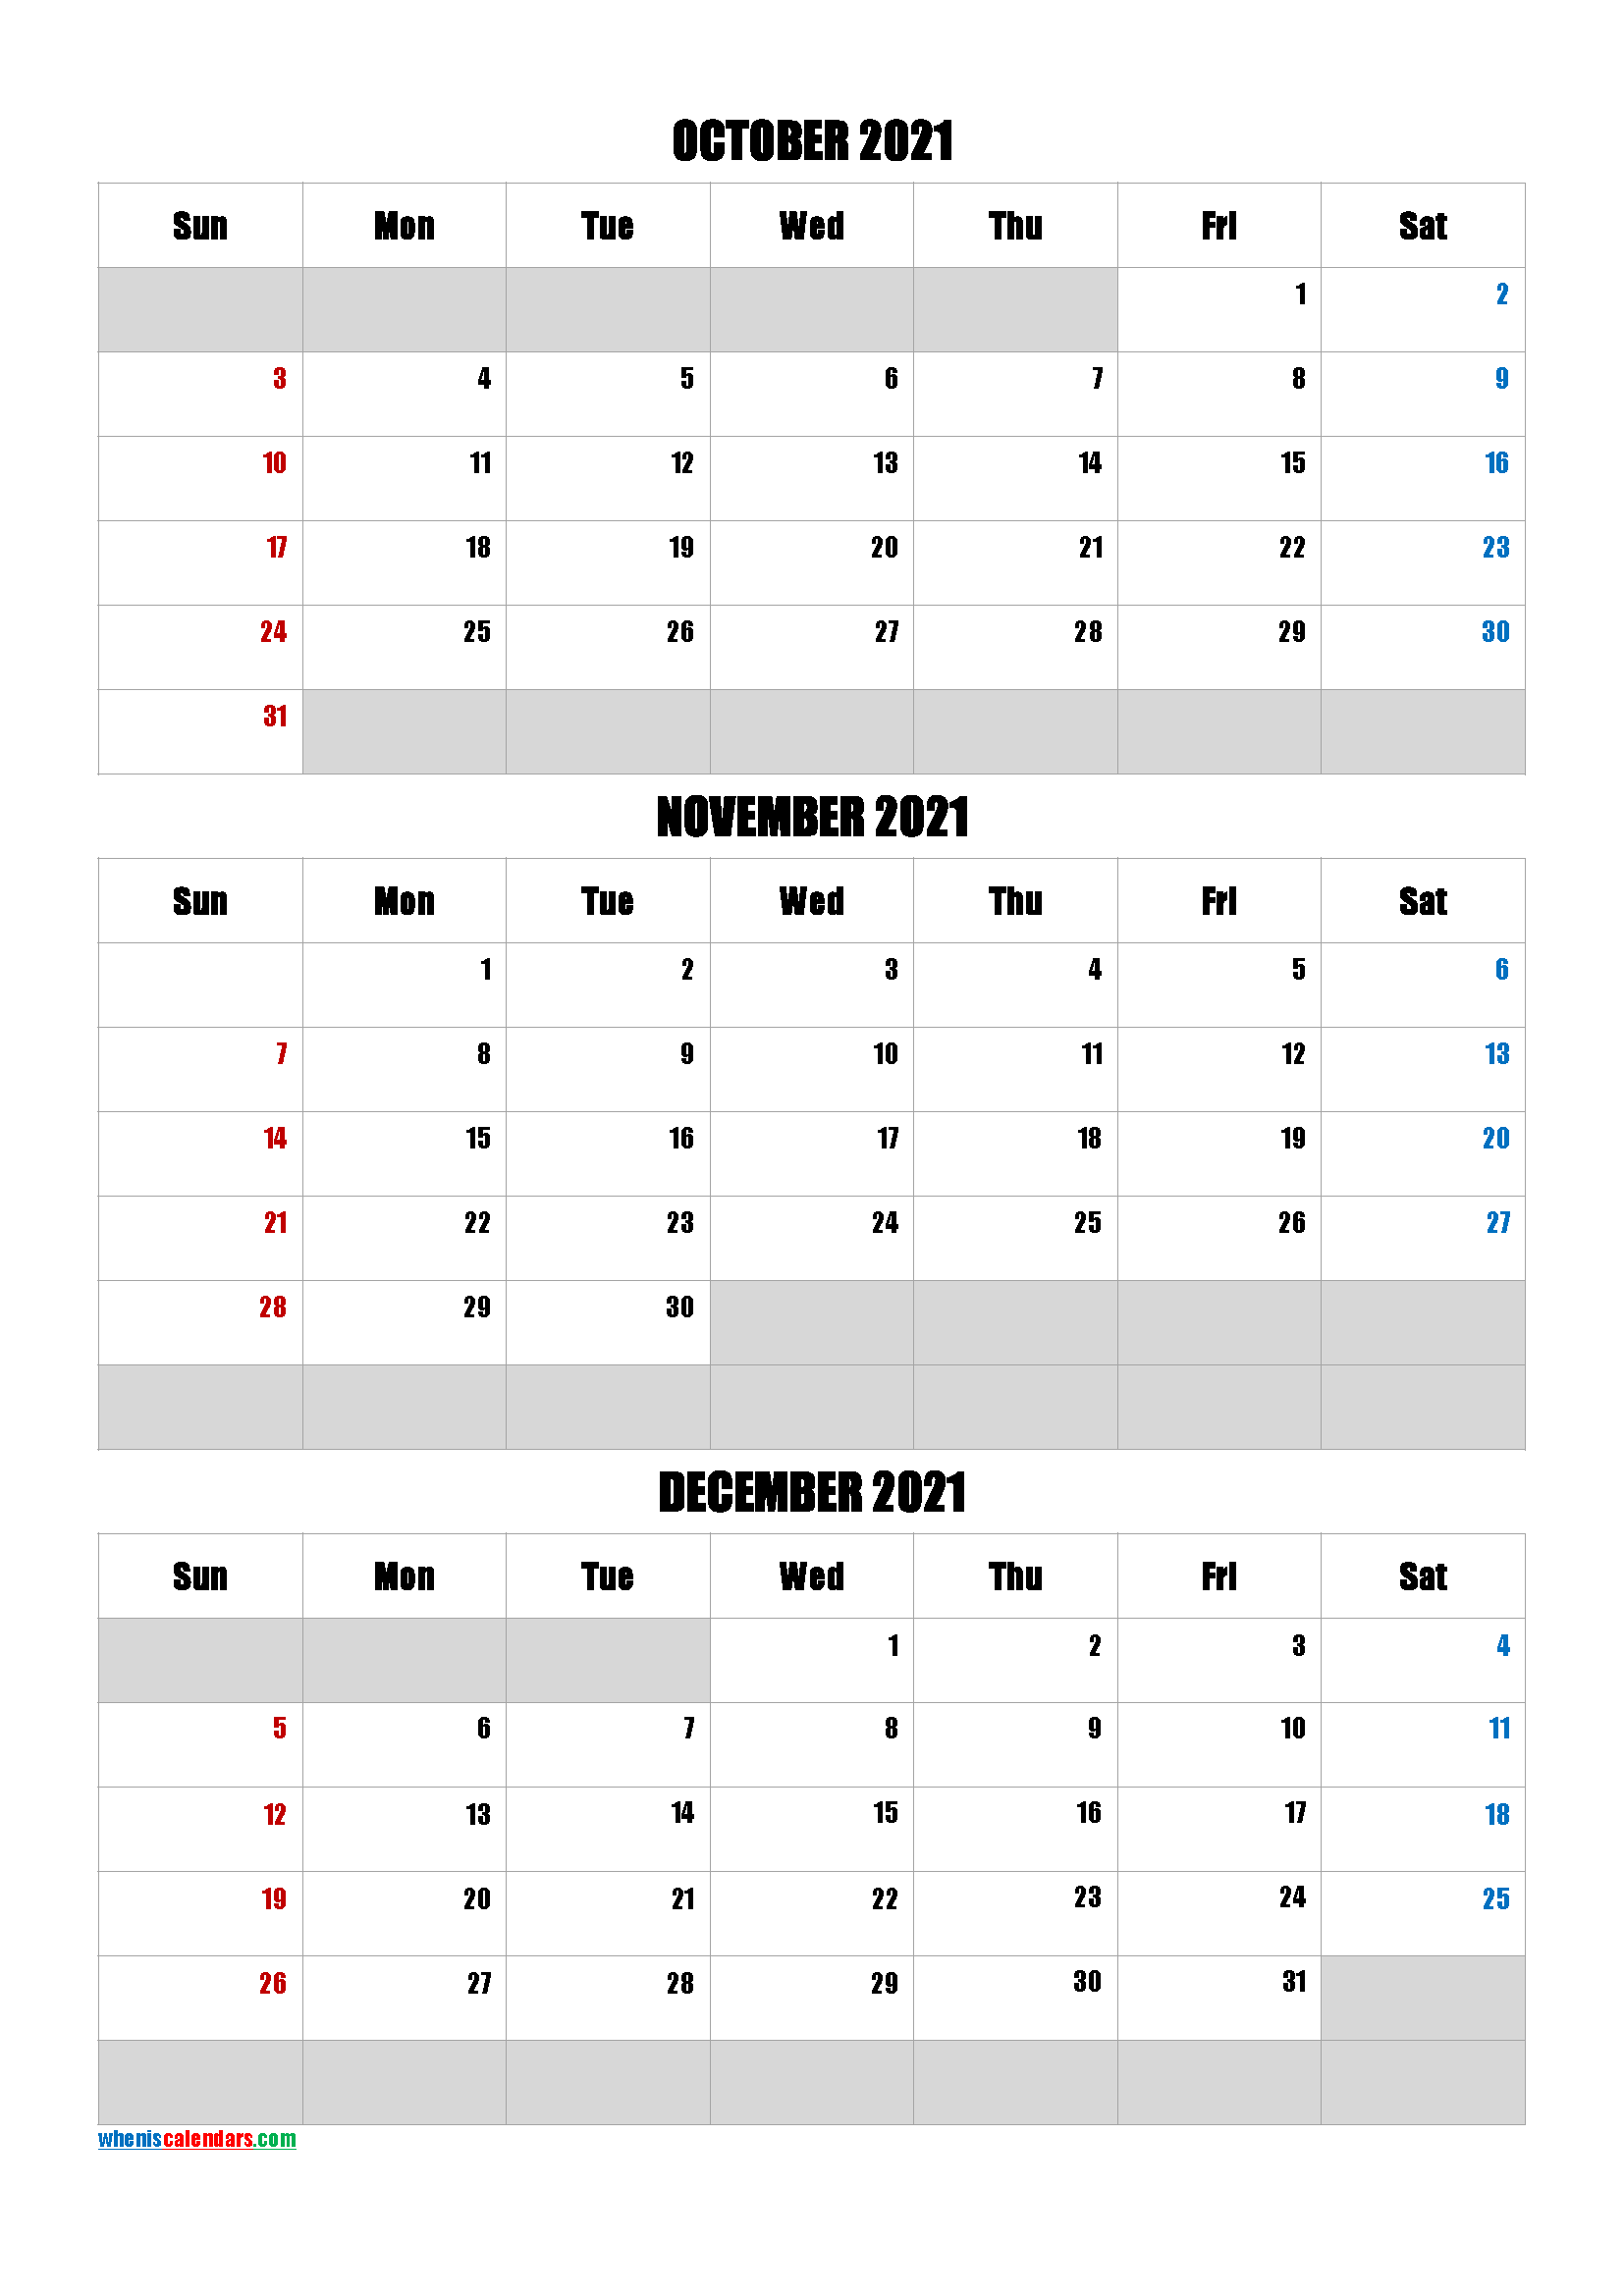 Calendar October November December 2021